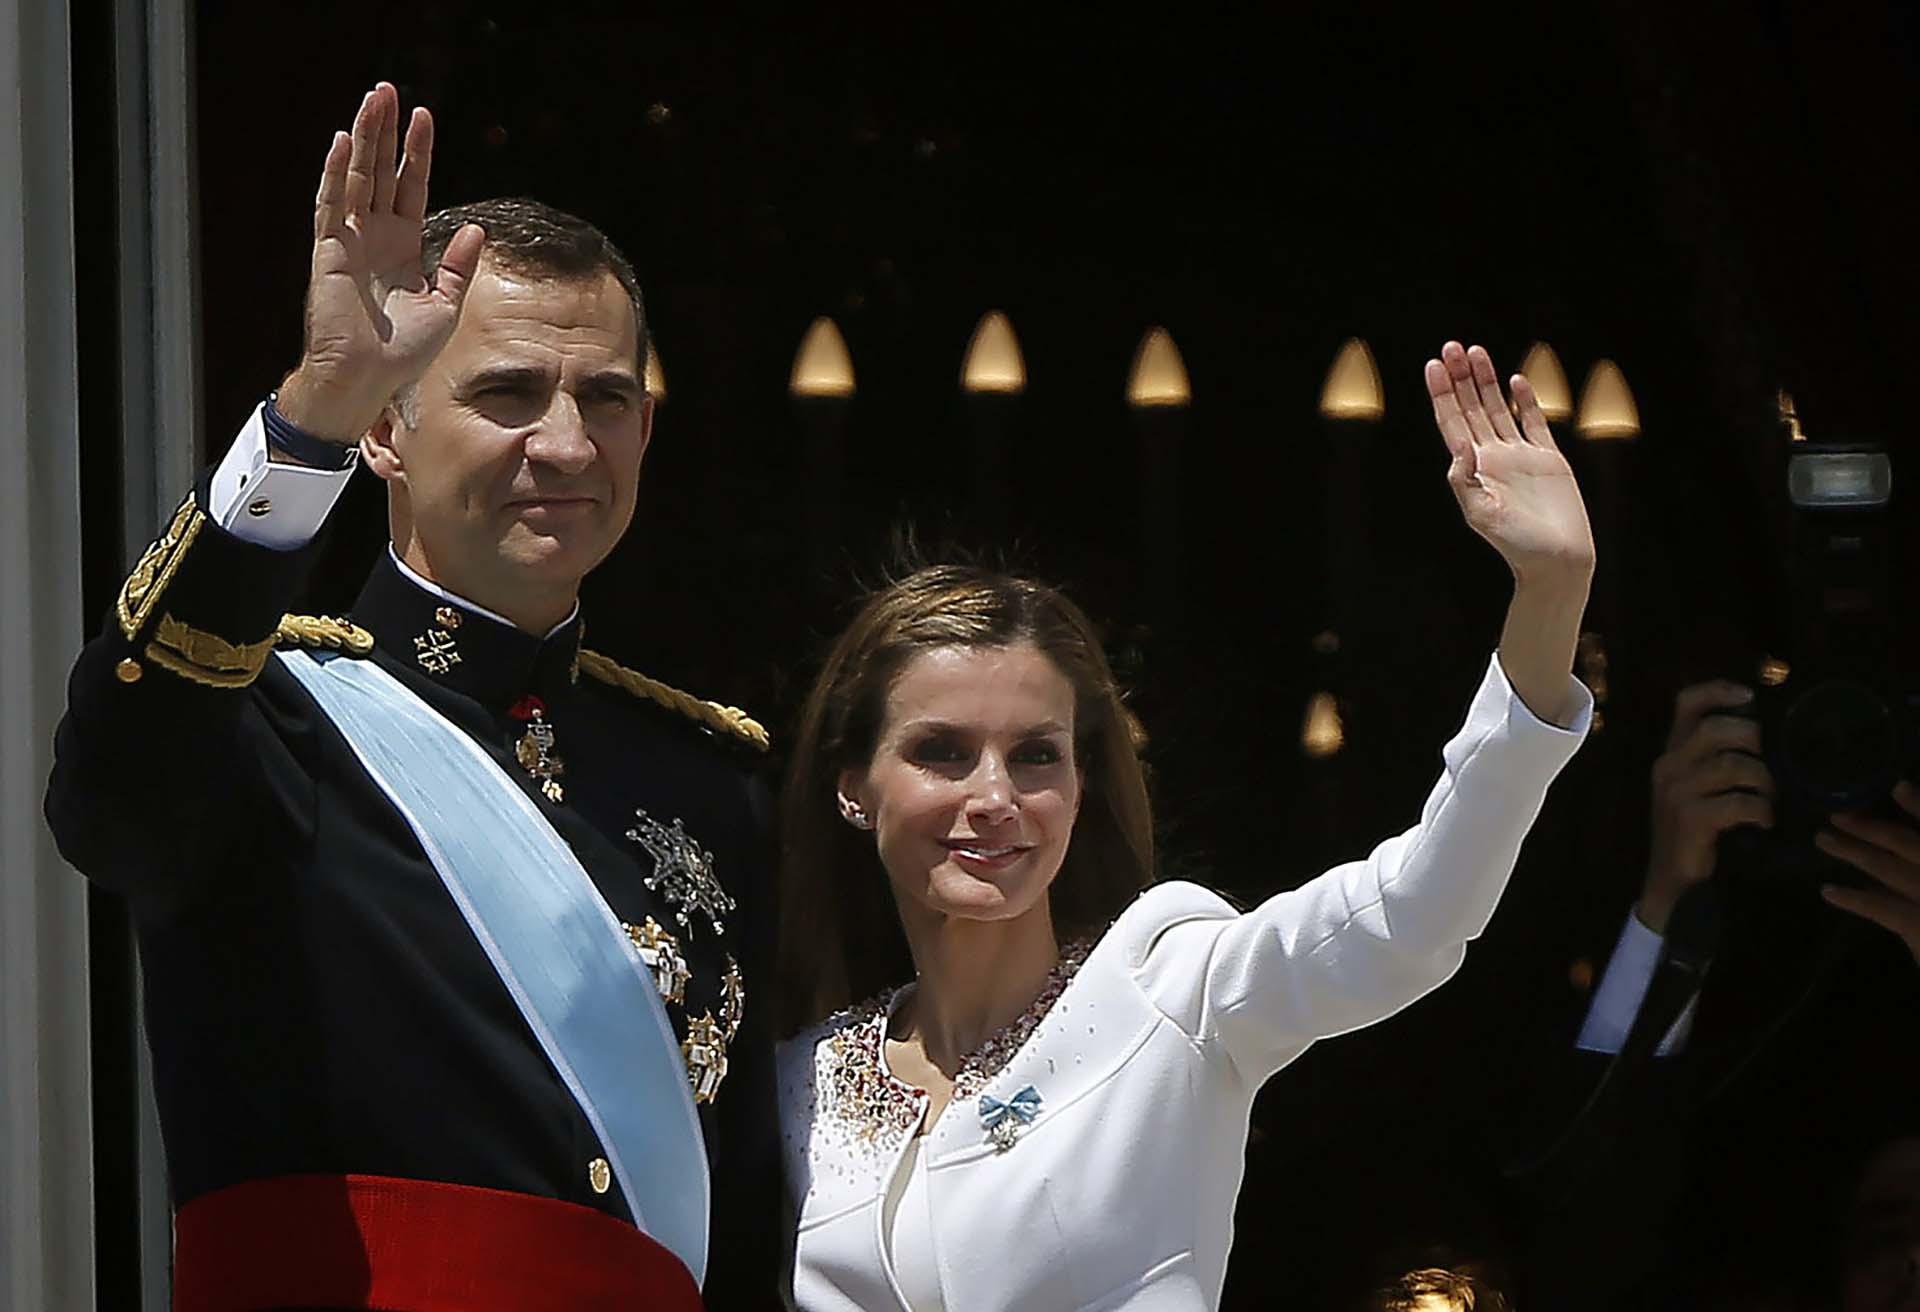 Desde el balcón del palacio el 19 de mayo de 2014, el día que Felipe IV asumió como el nuevo rey de España y Letizia como reina consorte.